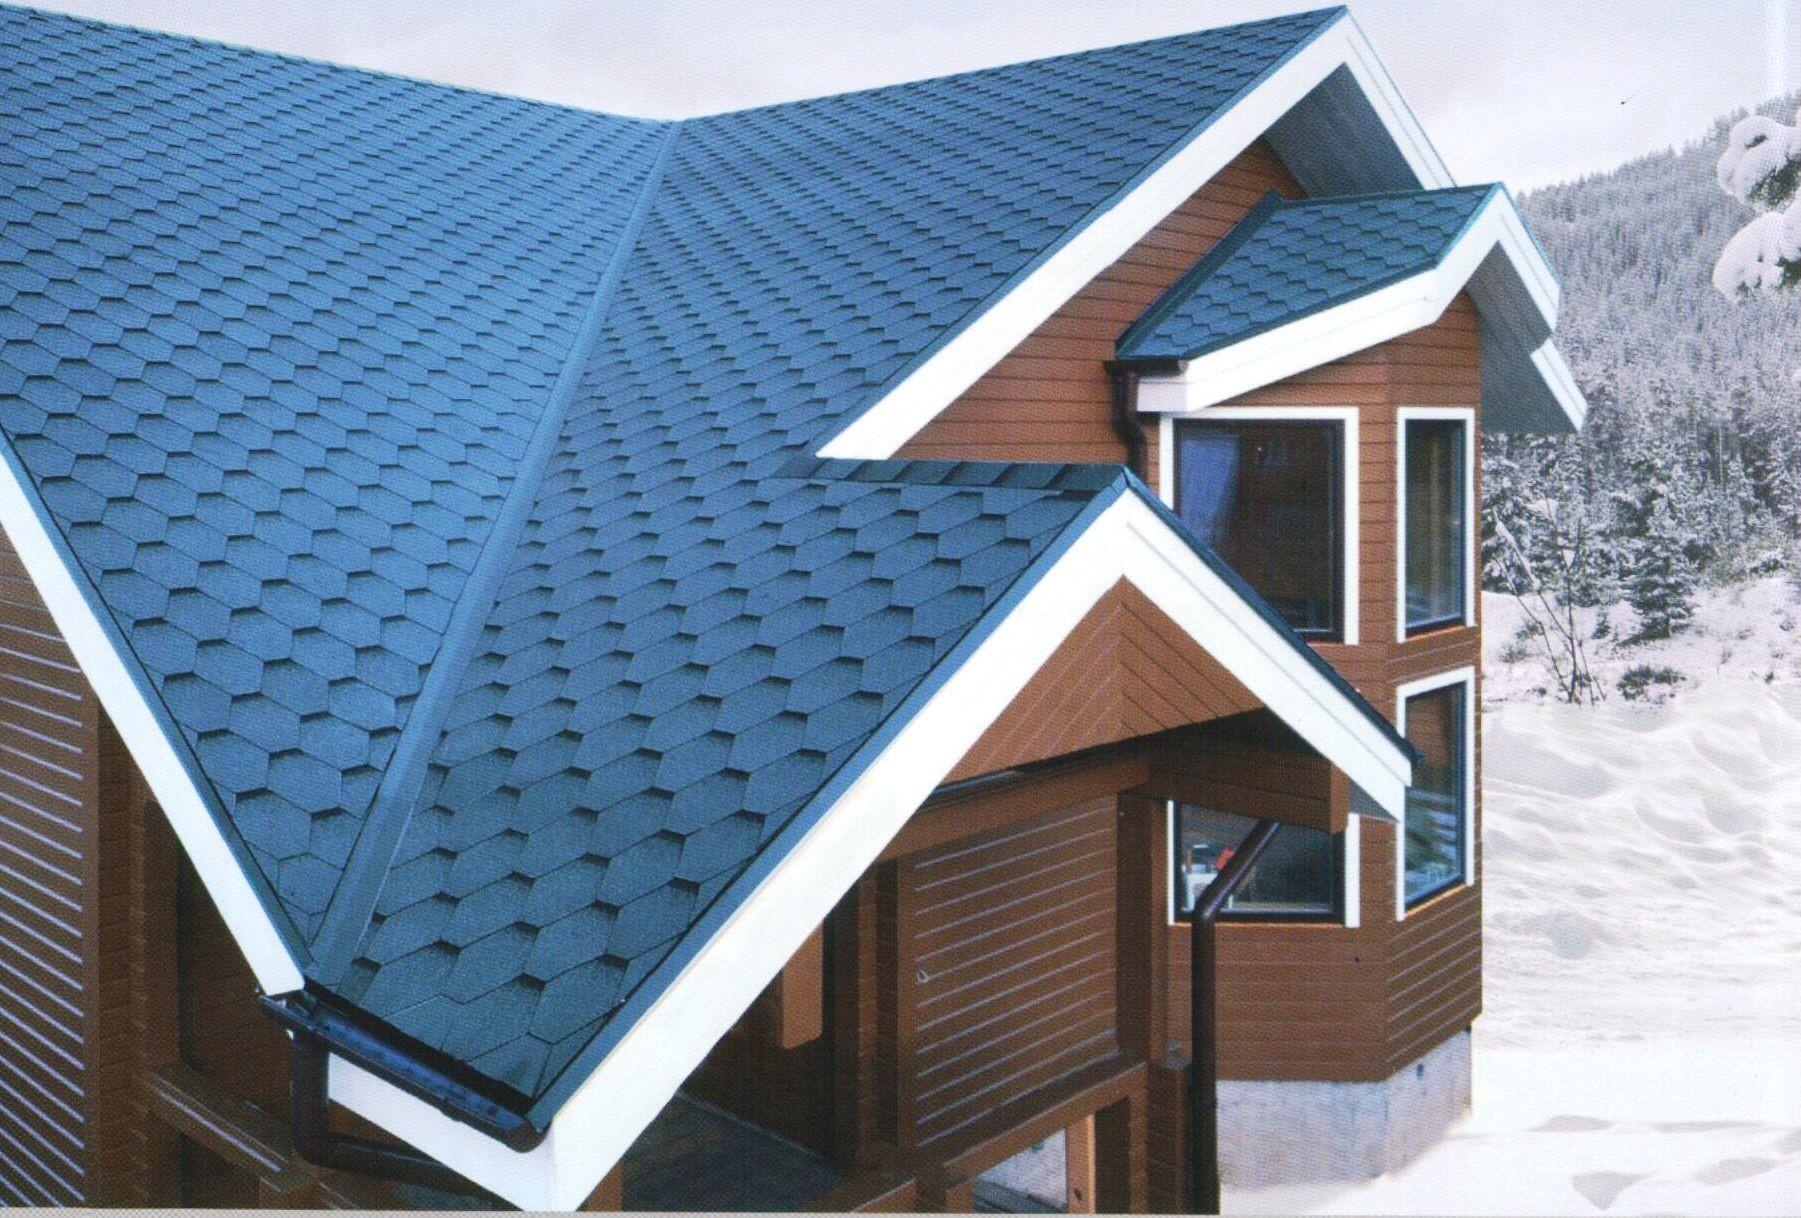 металлочерепица синяя фото домов сиреневого, лилового